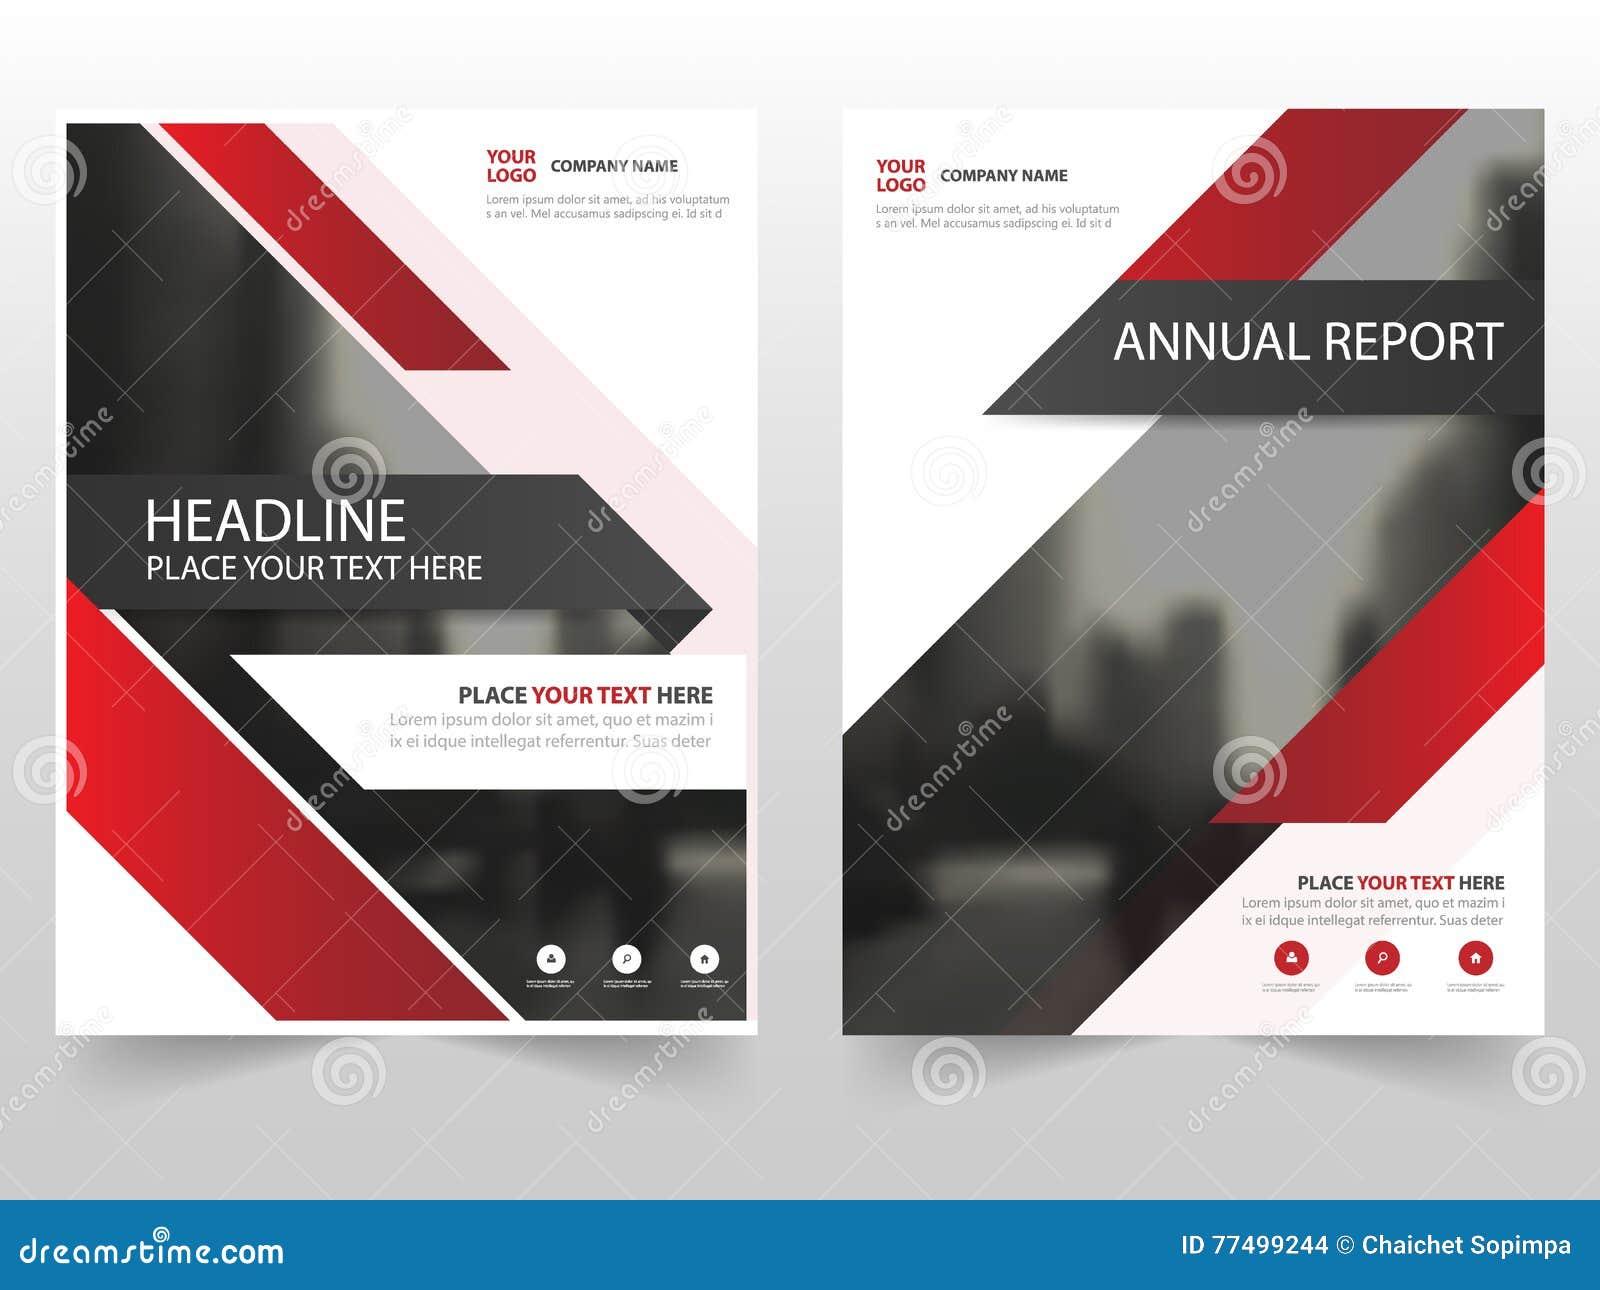 Czerwonej technologii broszurki ulotki ulotki sprawozdania rocznego szablonu biznesowy projekt, książkowej pokrywy układu projekt